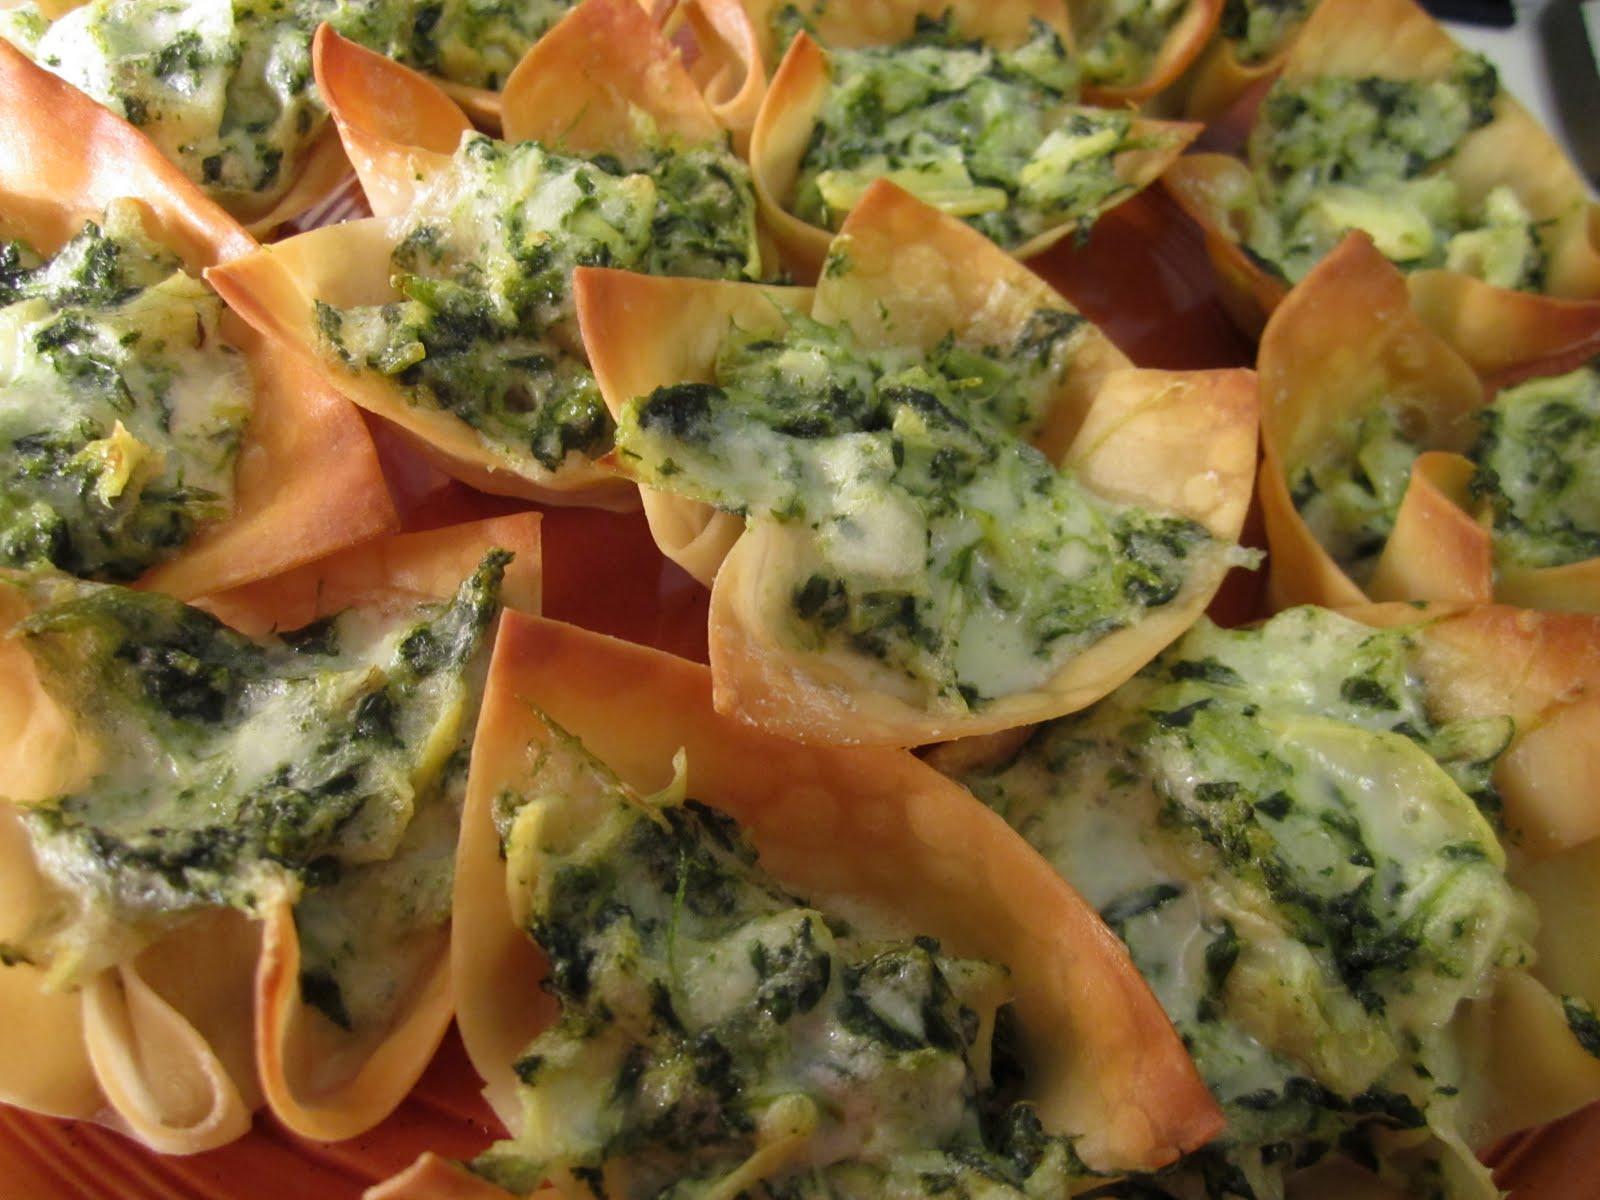 True Laurel: Spinach-Artichoke Party Cups